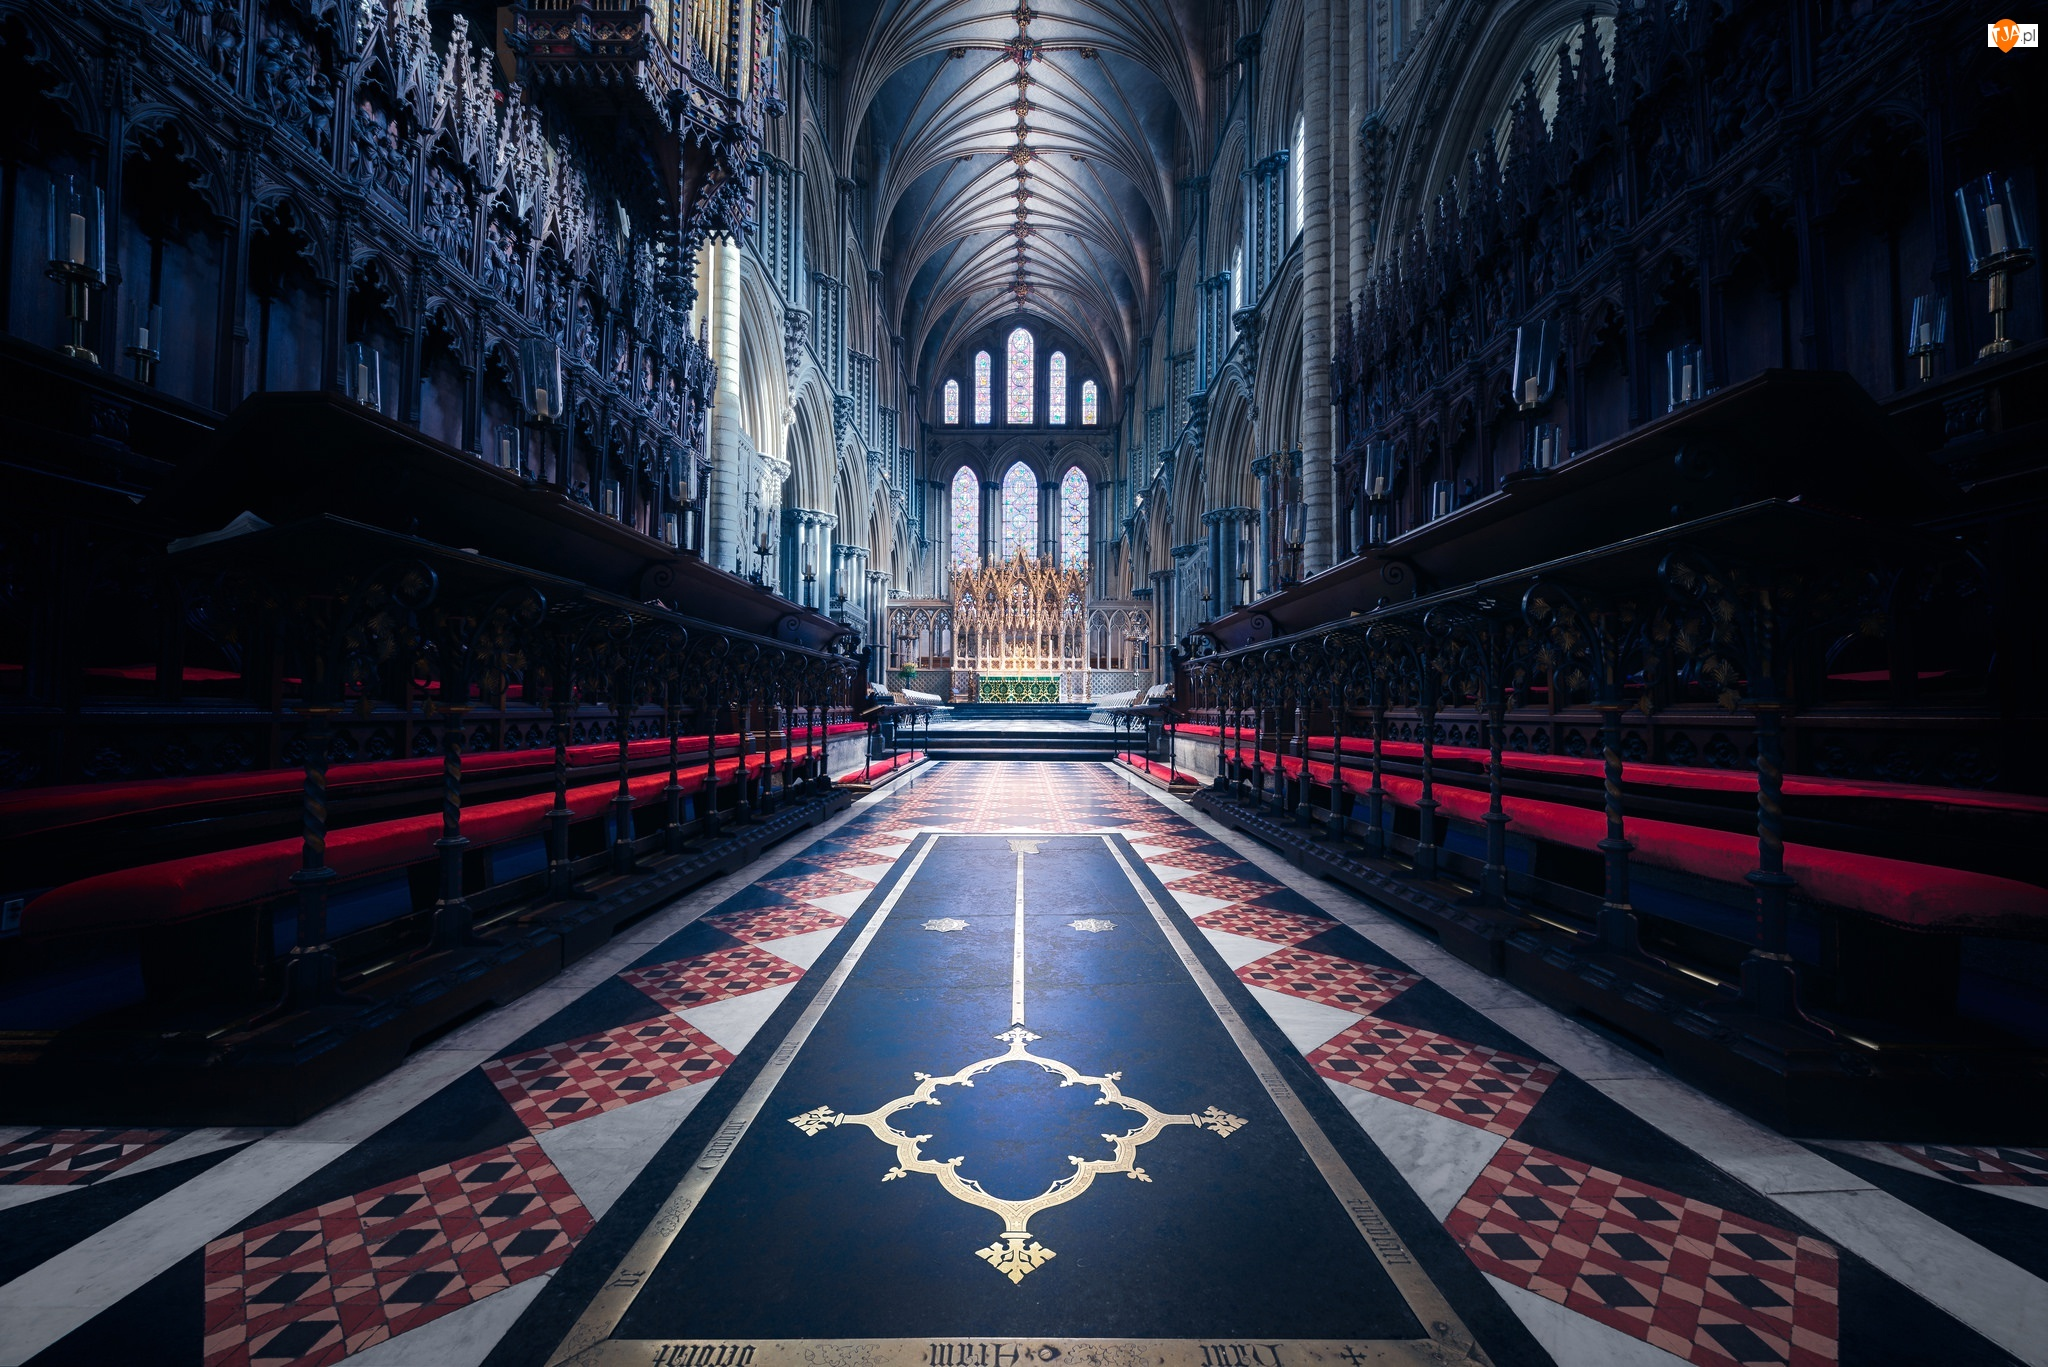 Kościół Katedralny Świętej i Niepodzielnej Trójcy, Ołtarz, Anglia, Nawa, Ely, Katedra